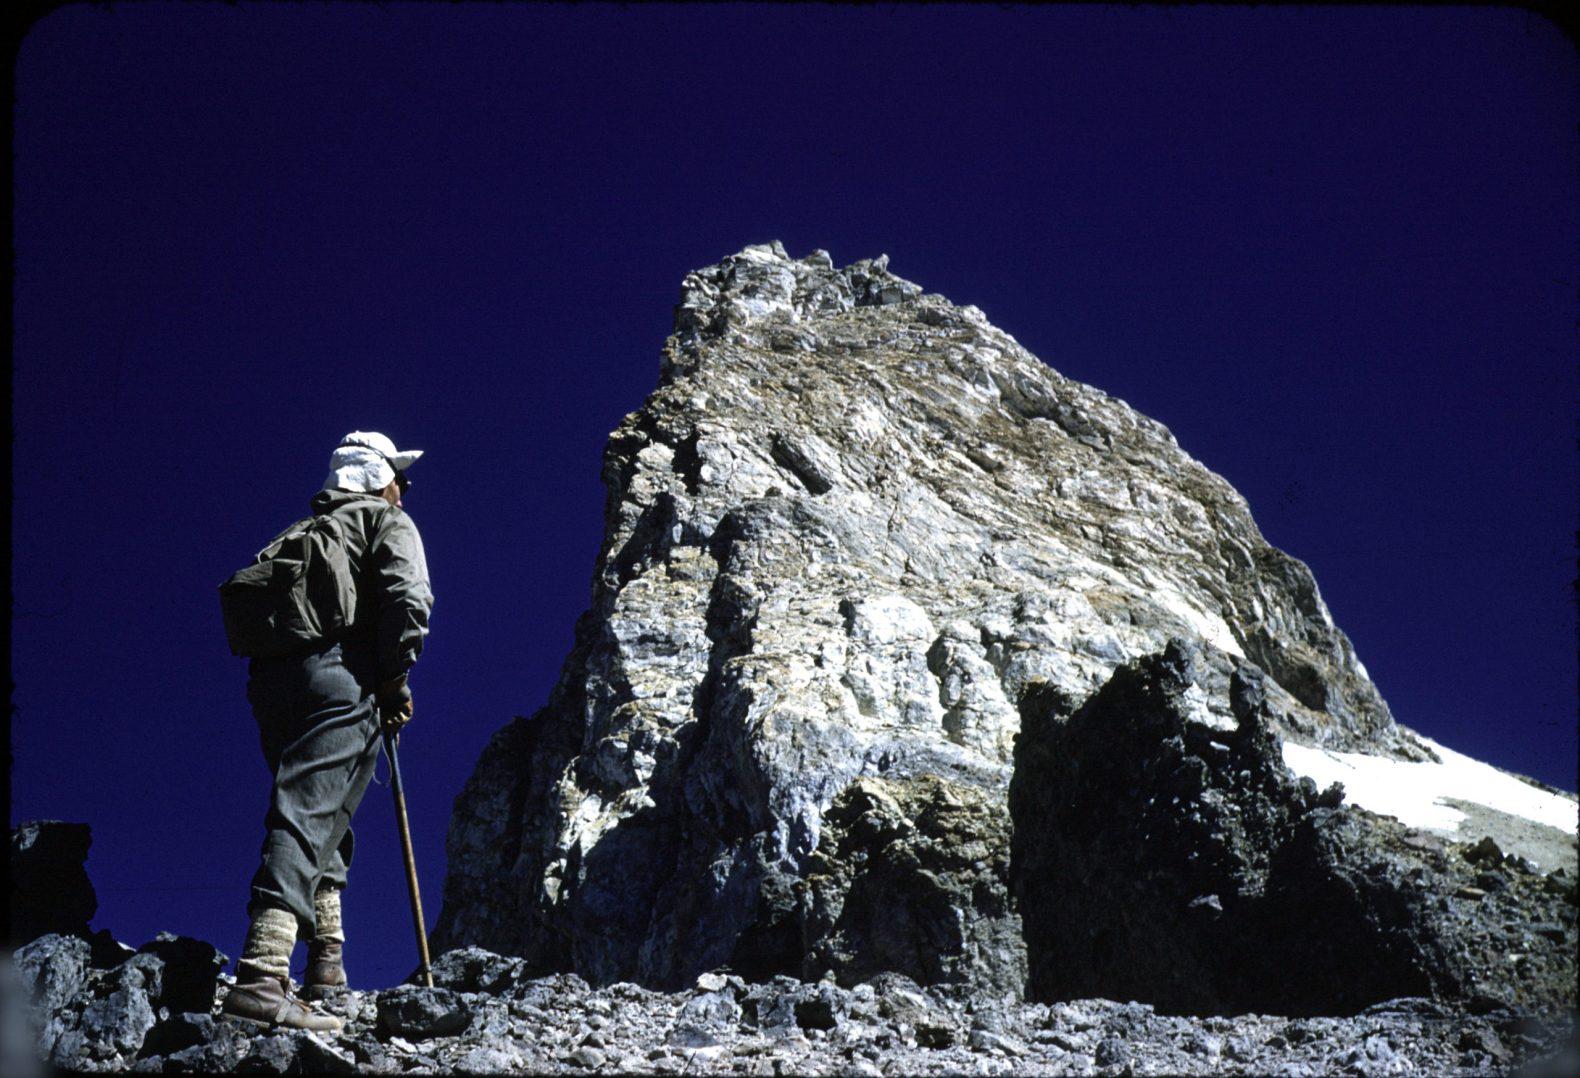 Ascenso al cerro Castillo de 1953 – Fotos de Sergio Kunstmann y Ludwig Krahl